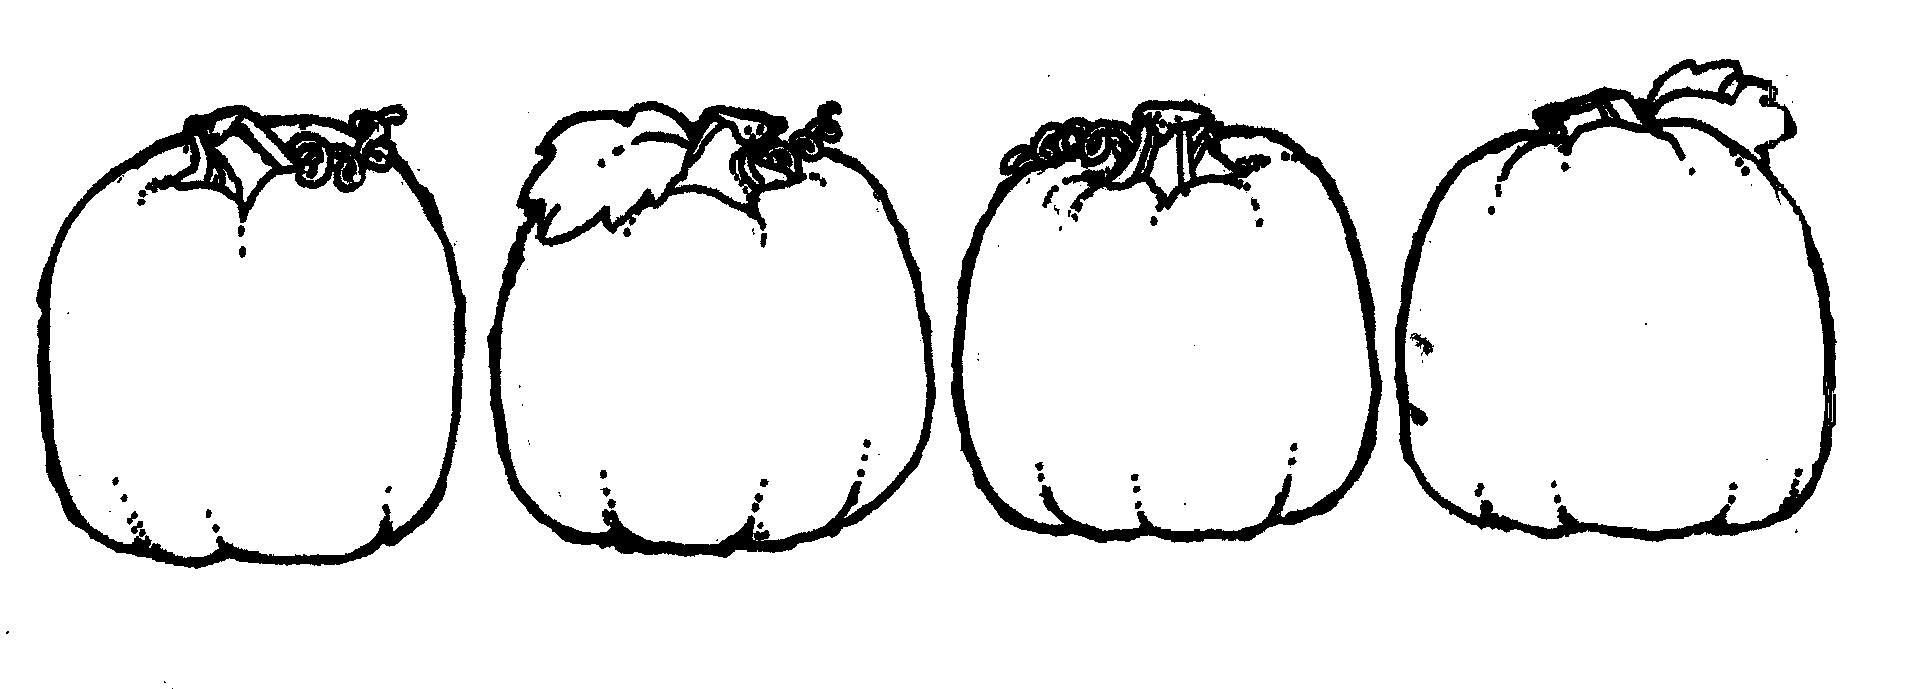 1920x689 Top 74 Pumpkin Clip Art